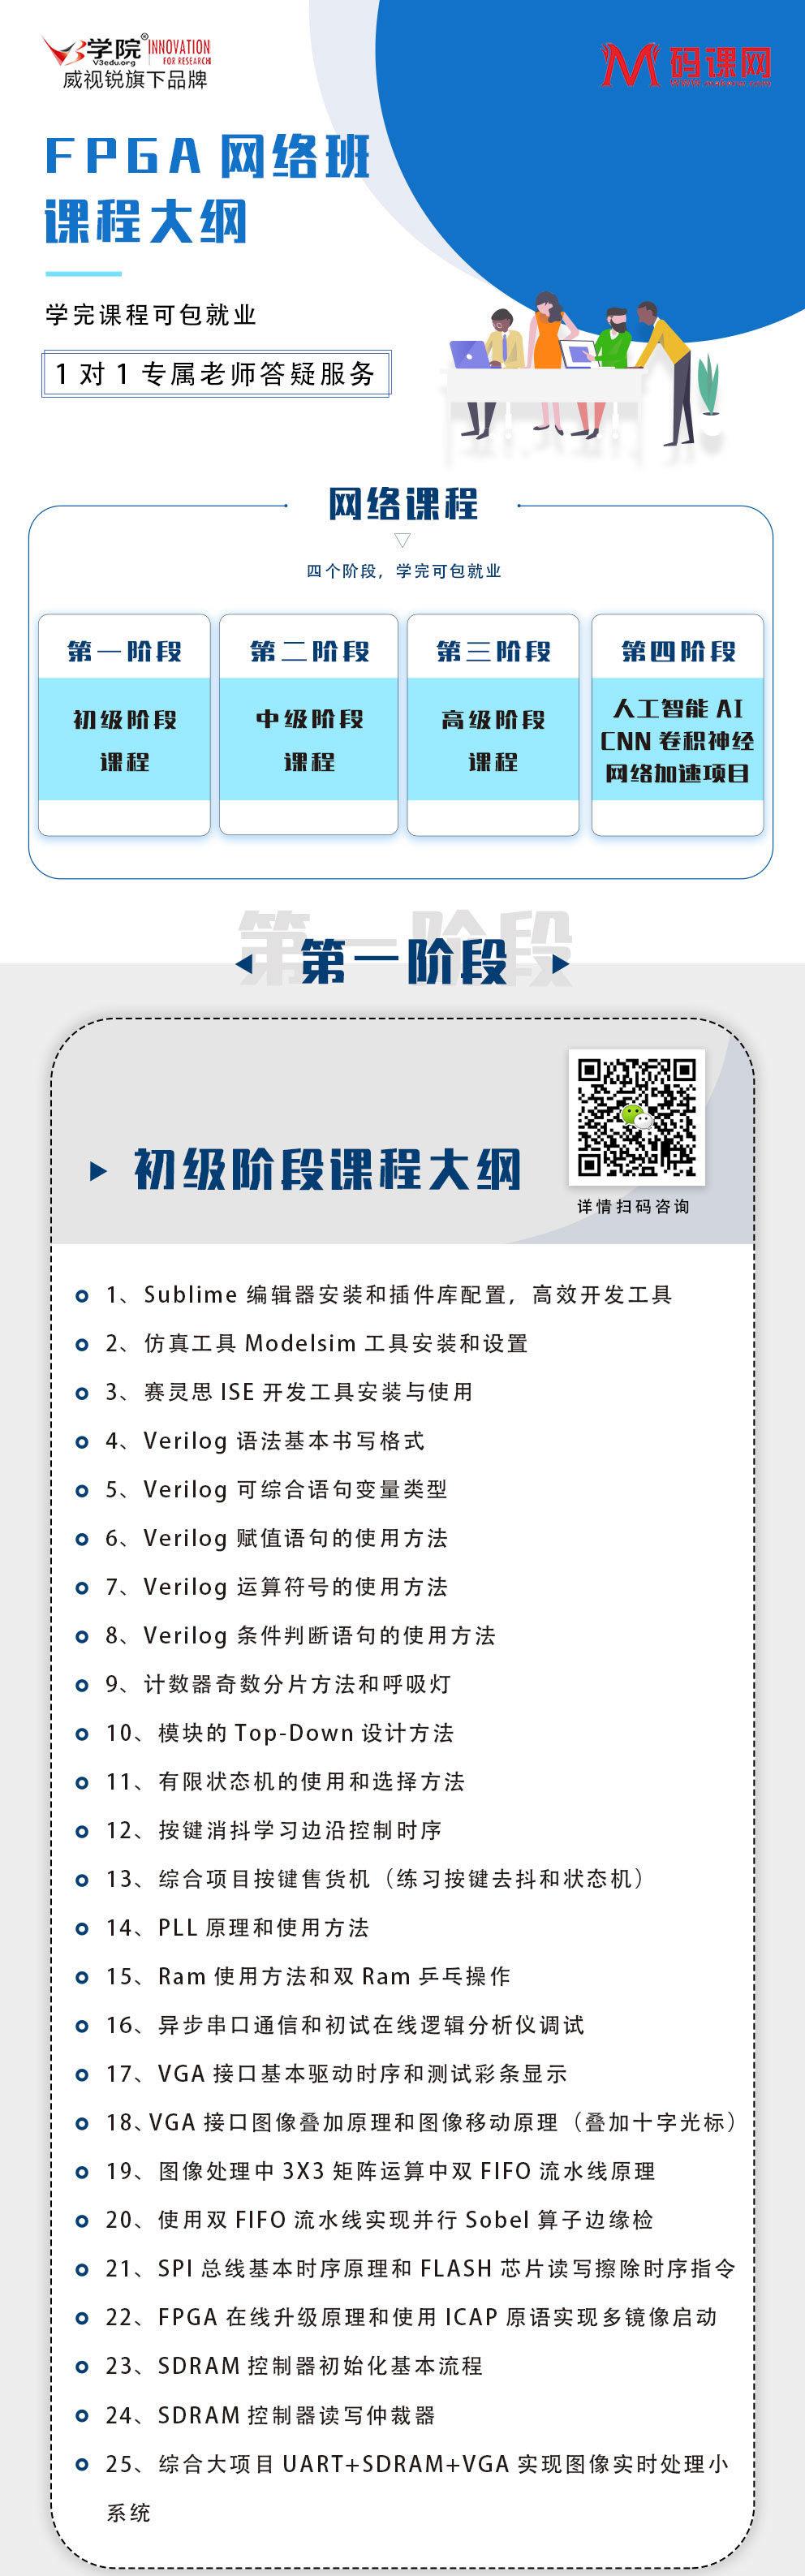 file_1560733033314.jpg